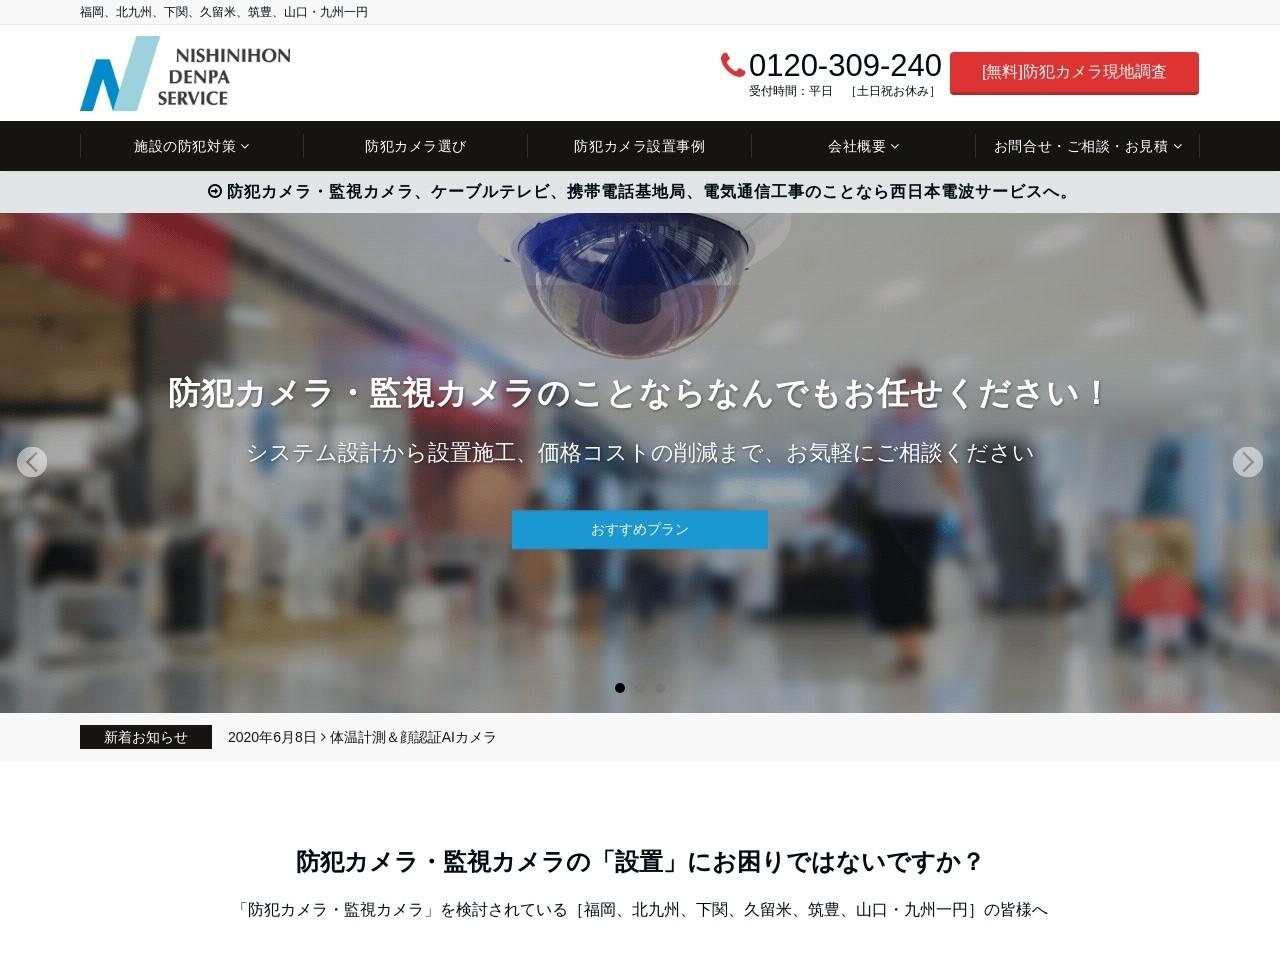 株式会社西日本電波サービス/福岡本社